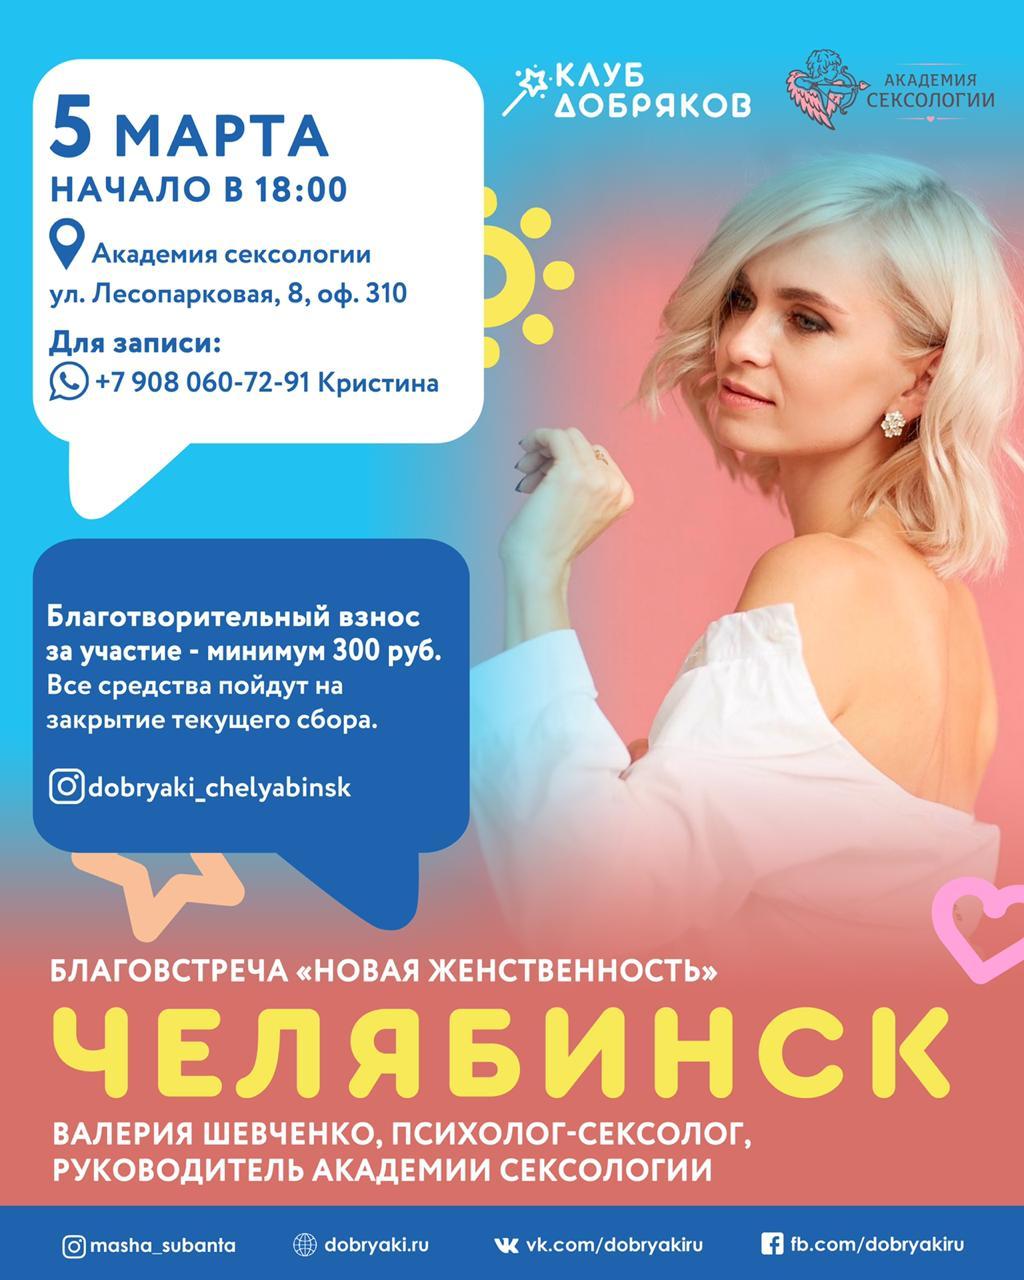 """В Челябинске пройдет благовстреча на тему """"Новая женственность"""""""